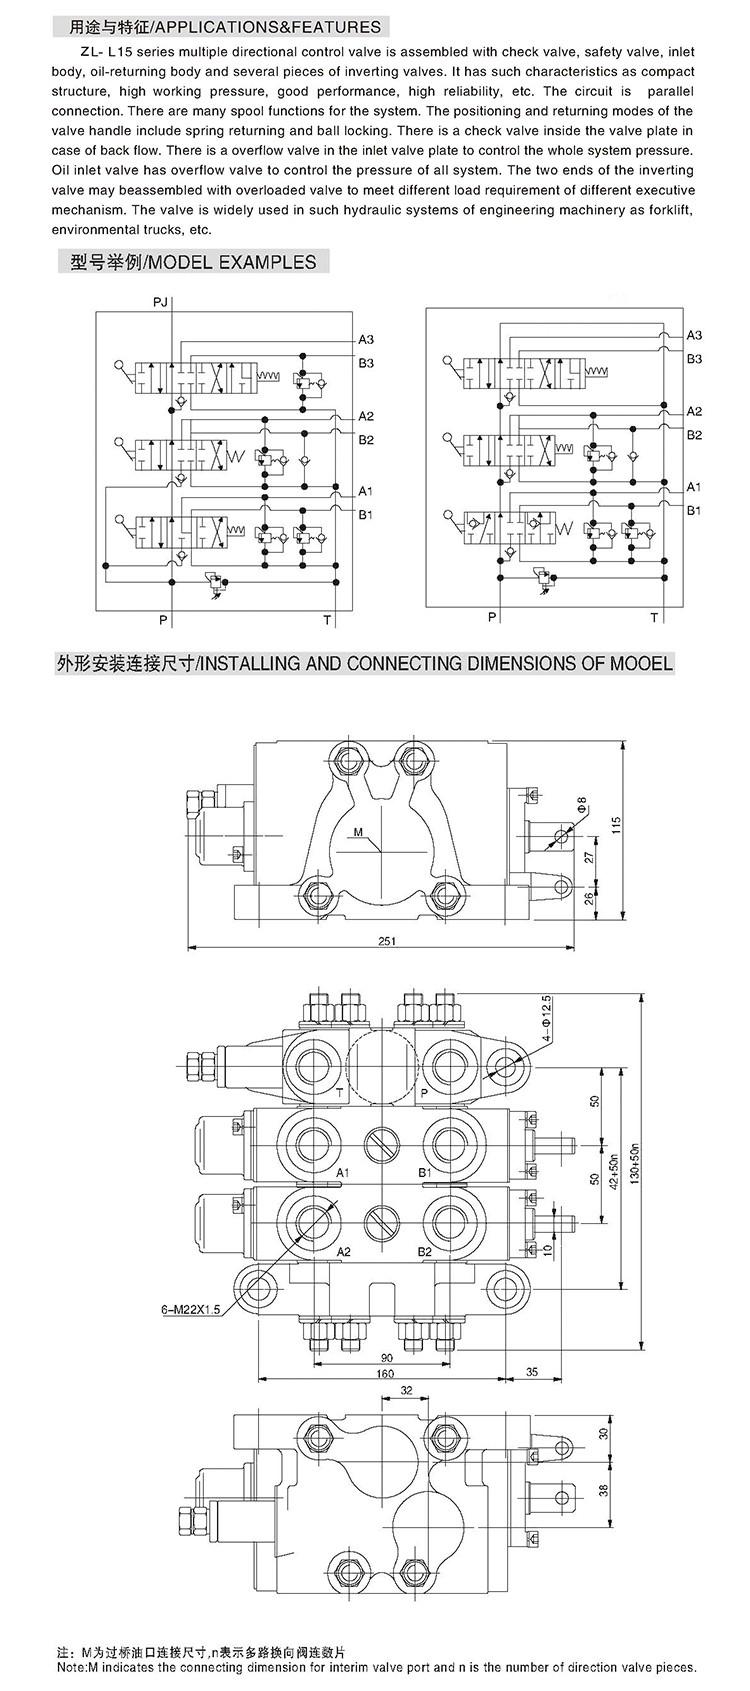 medium resolution of zl15 3 manual hydraulic control valve 3 way solenoid valve 24v